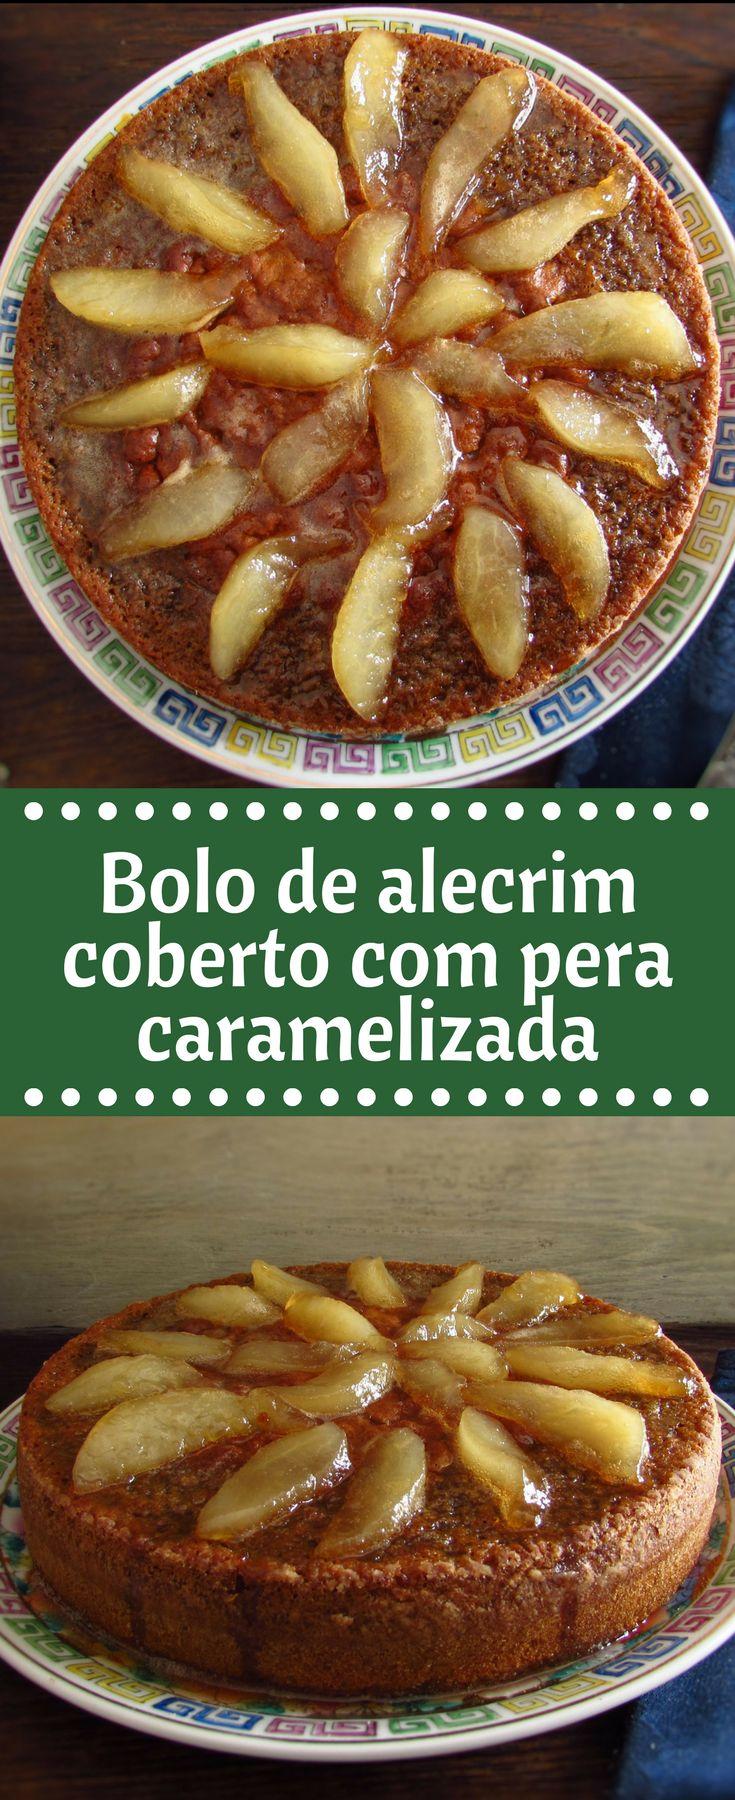 Bolo de alecrim coberto com pera caramelizada   Food From Portugal. Esta receita de bolo apresenta uma mistura interessante de sabores, o aroma do alecrim com a deliciosa cobertura de pera caramelizada. Experimente, vai adorar!!! #receita #bolo #alecrim #pera